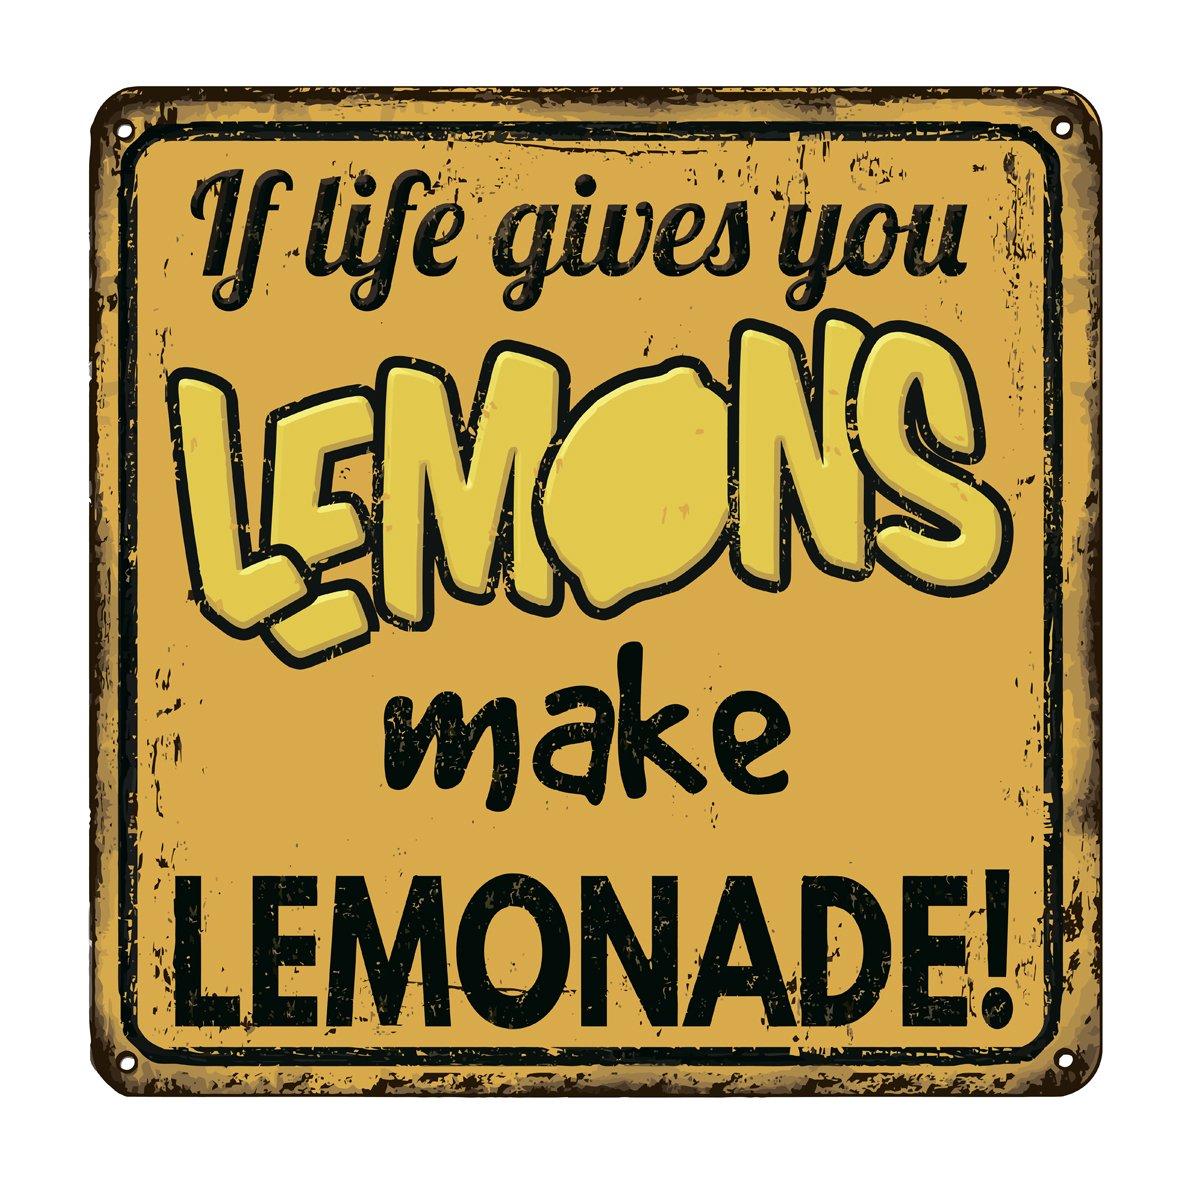 Если жизнь дает тебе лимоны сделать лимонад старинный ржавый металлический знак, 20x20 см, на бумагеСмешные таблички<br>Постер на холсте или бумаге. Любого нужного вам размера. В раме или без. Подвес в комплекте. Трехслойная надежная упаковка. Доставим в любую точку России. Вам осталось только повесить картину на стену!<br>